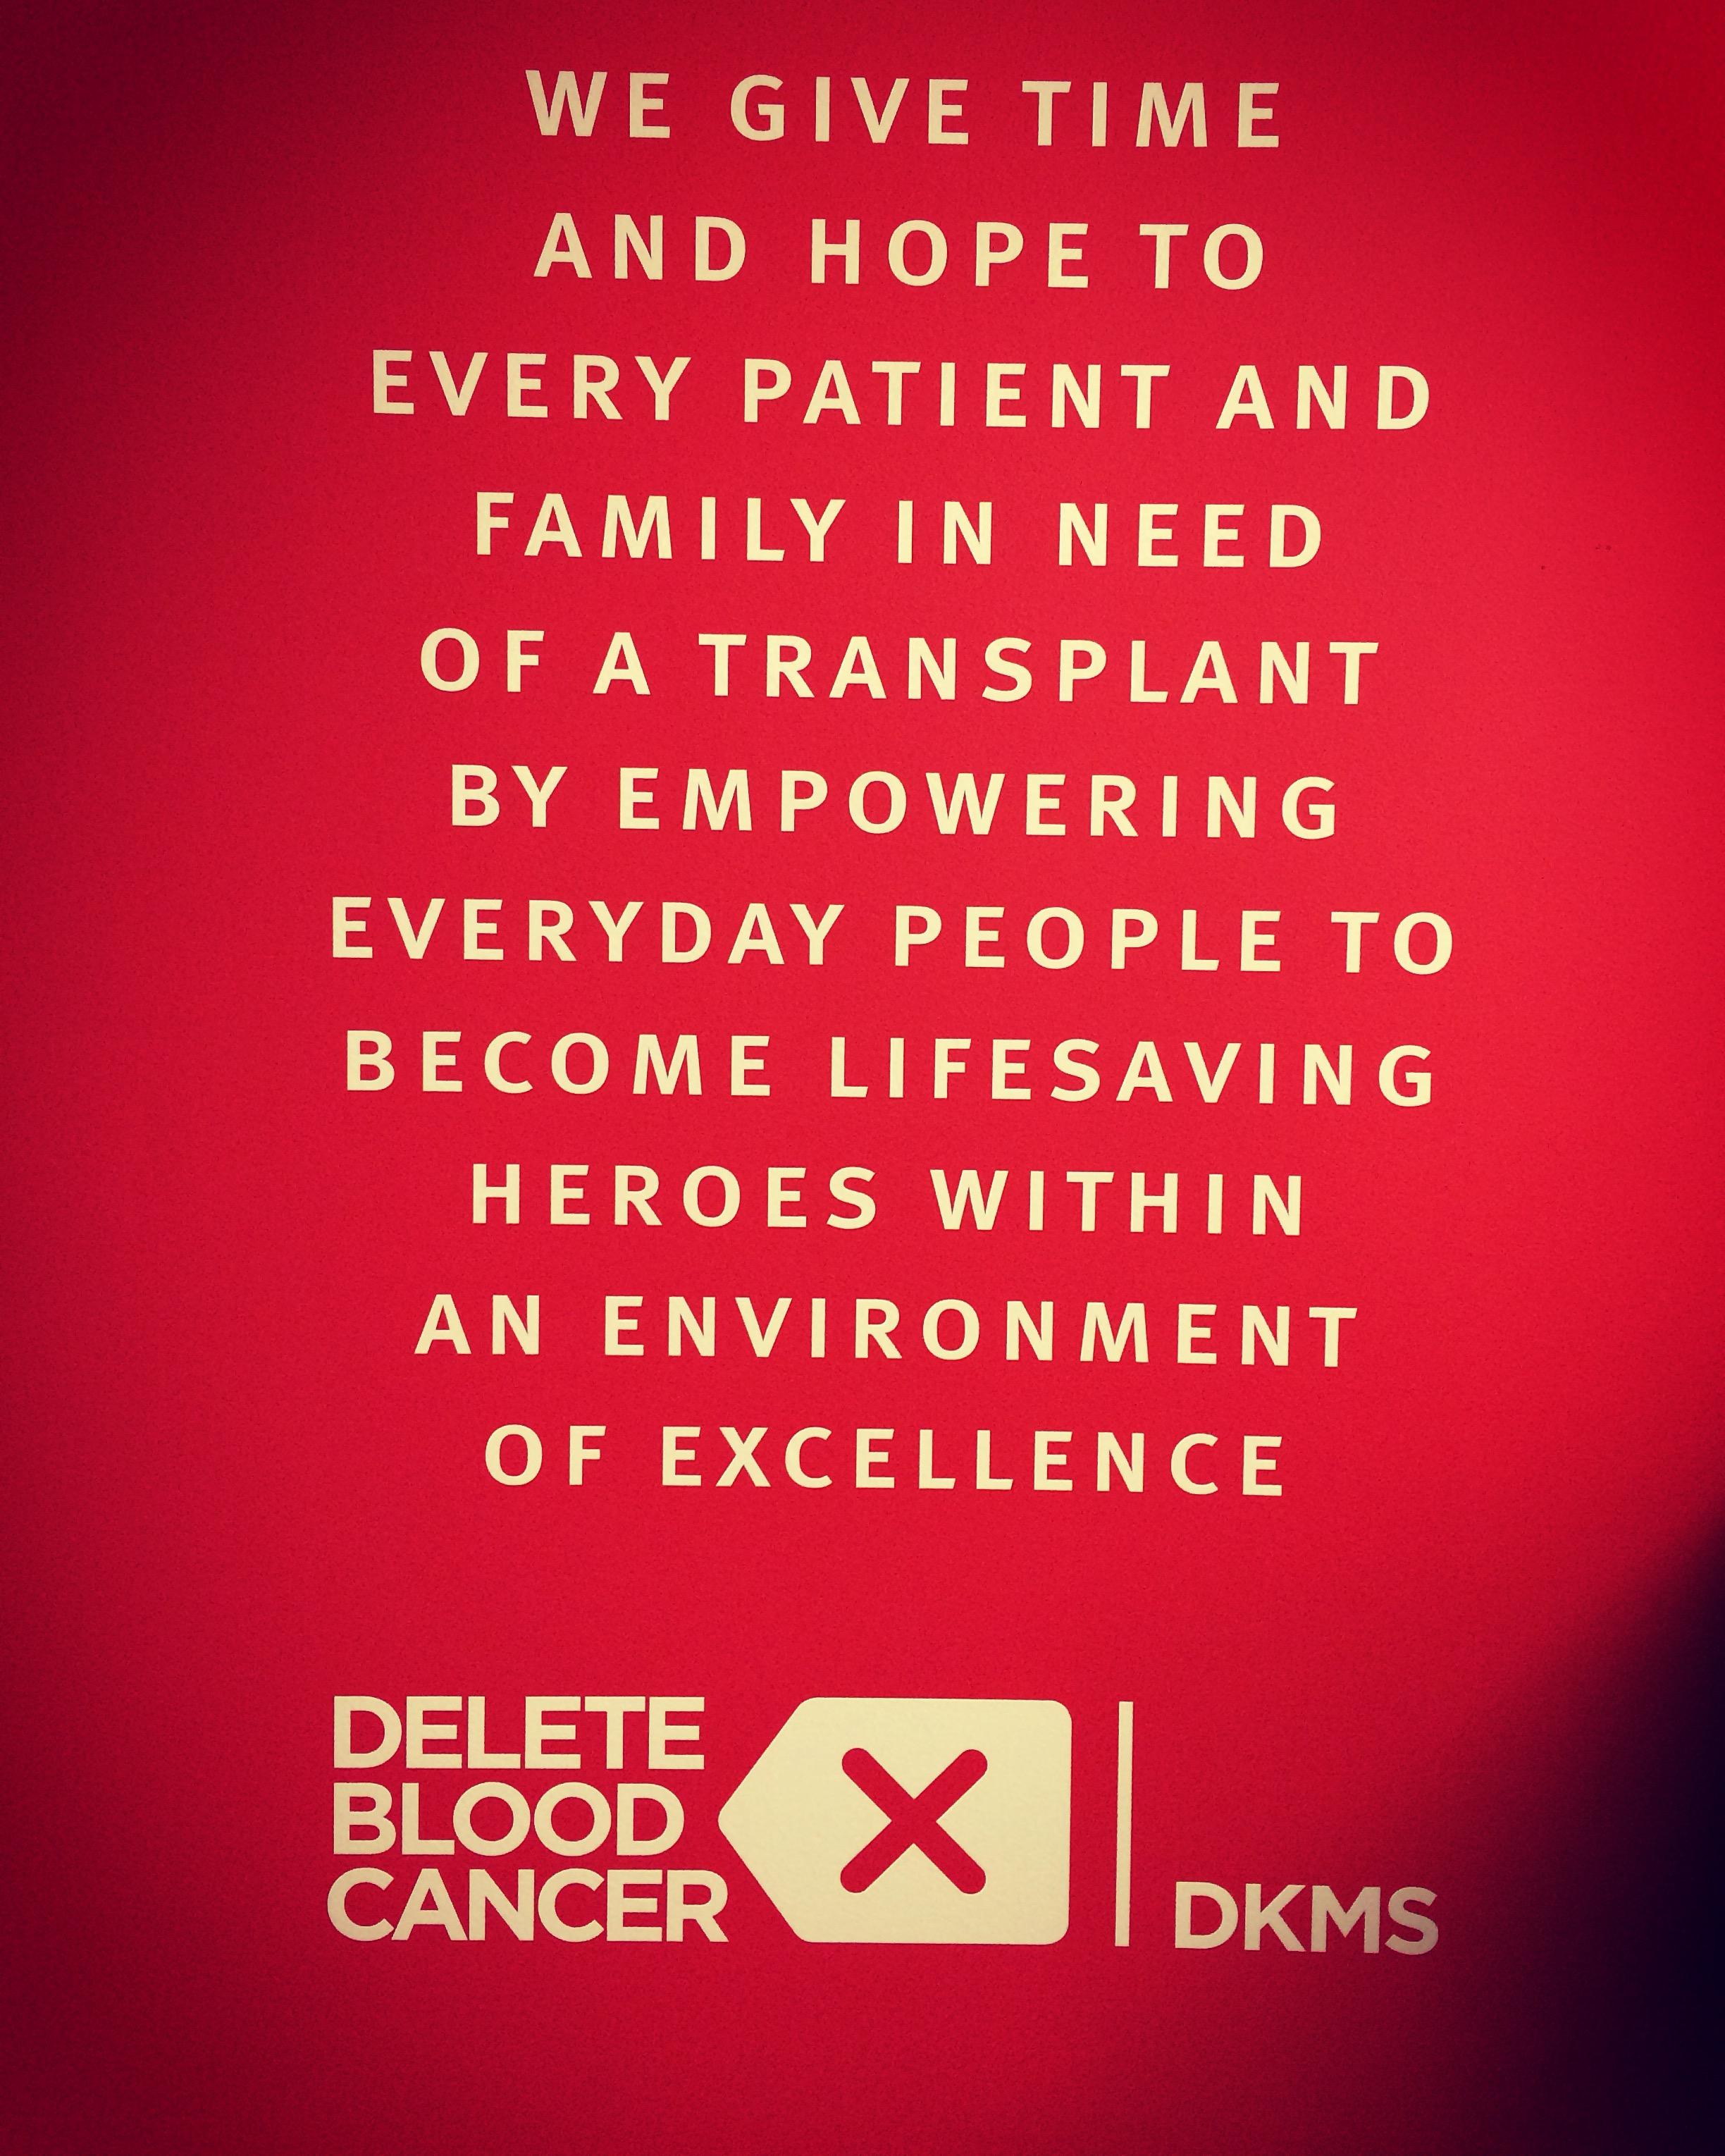 delete blood cancer office logo